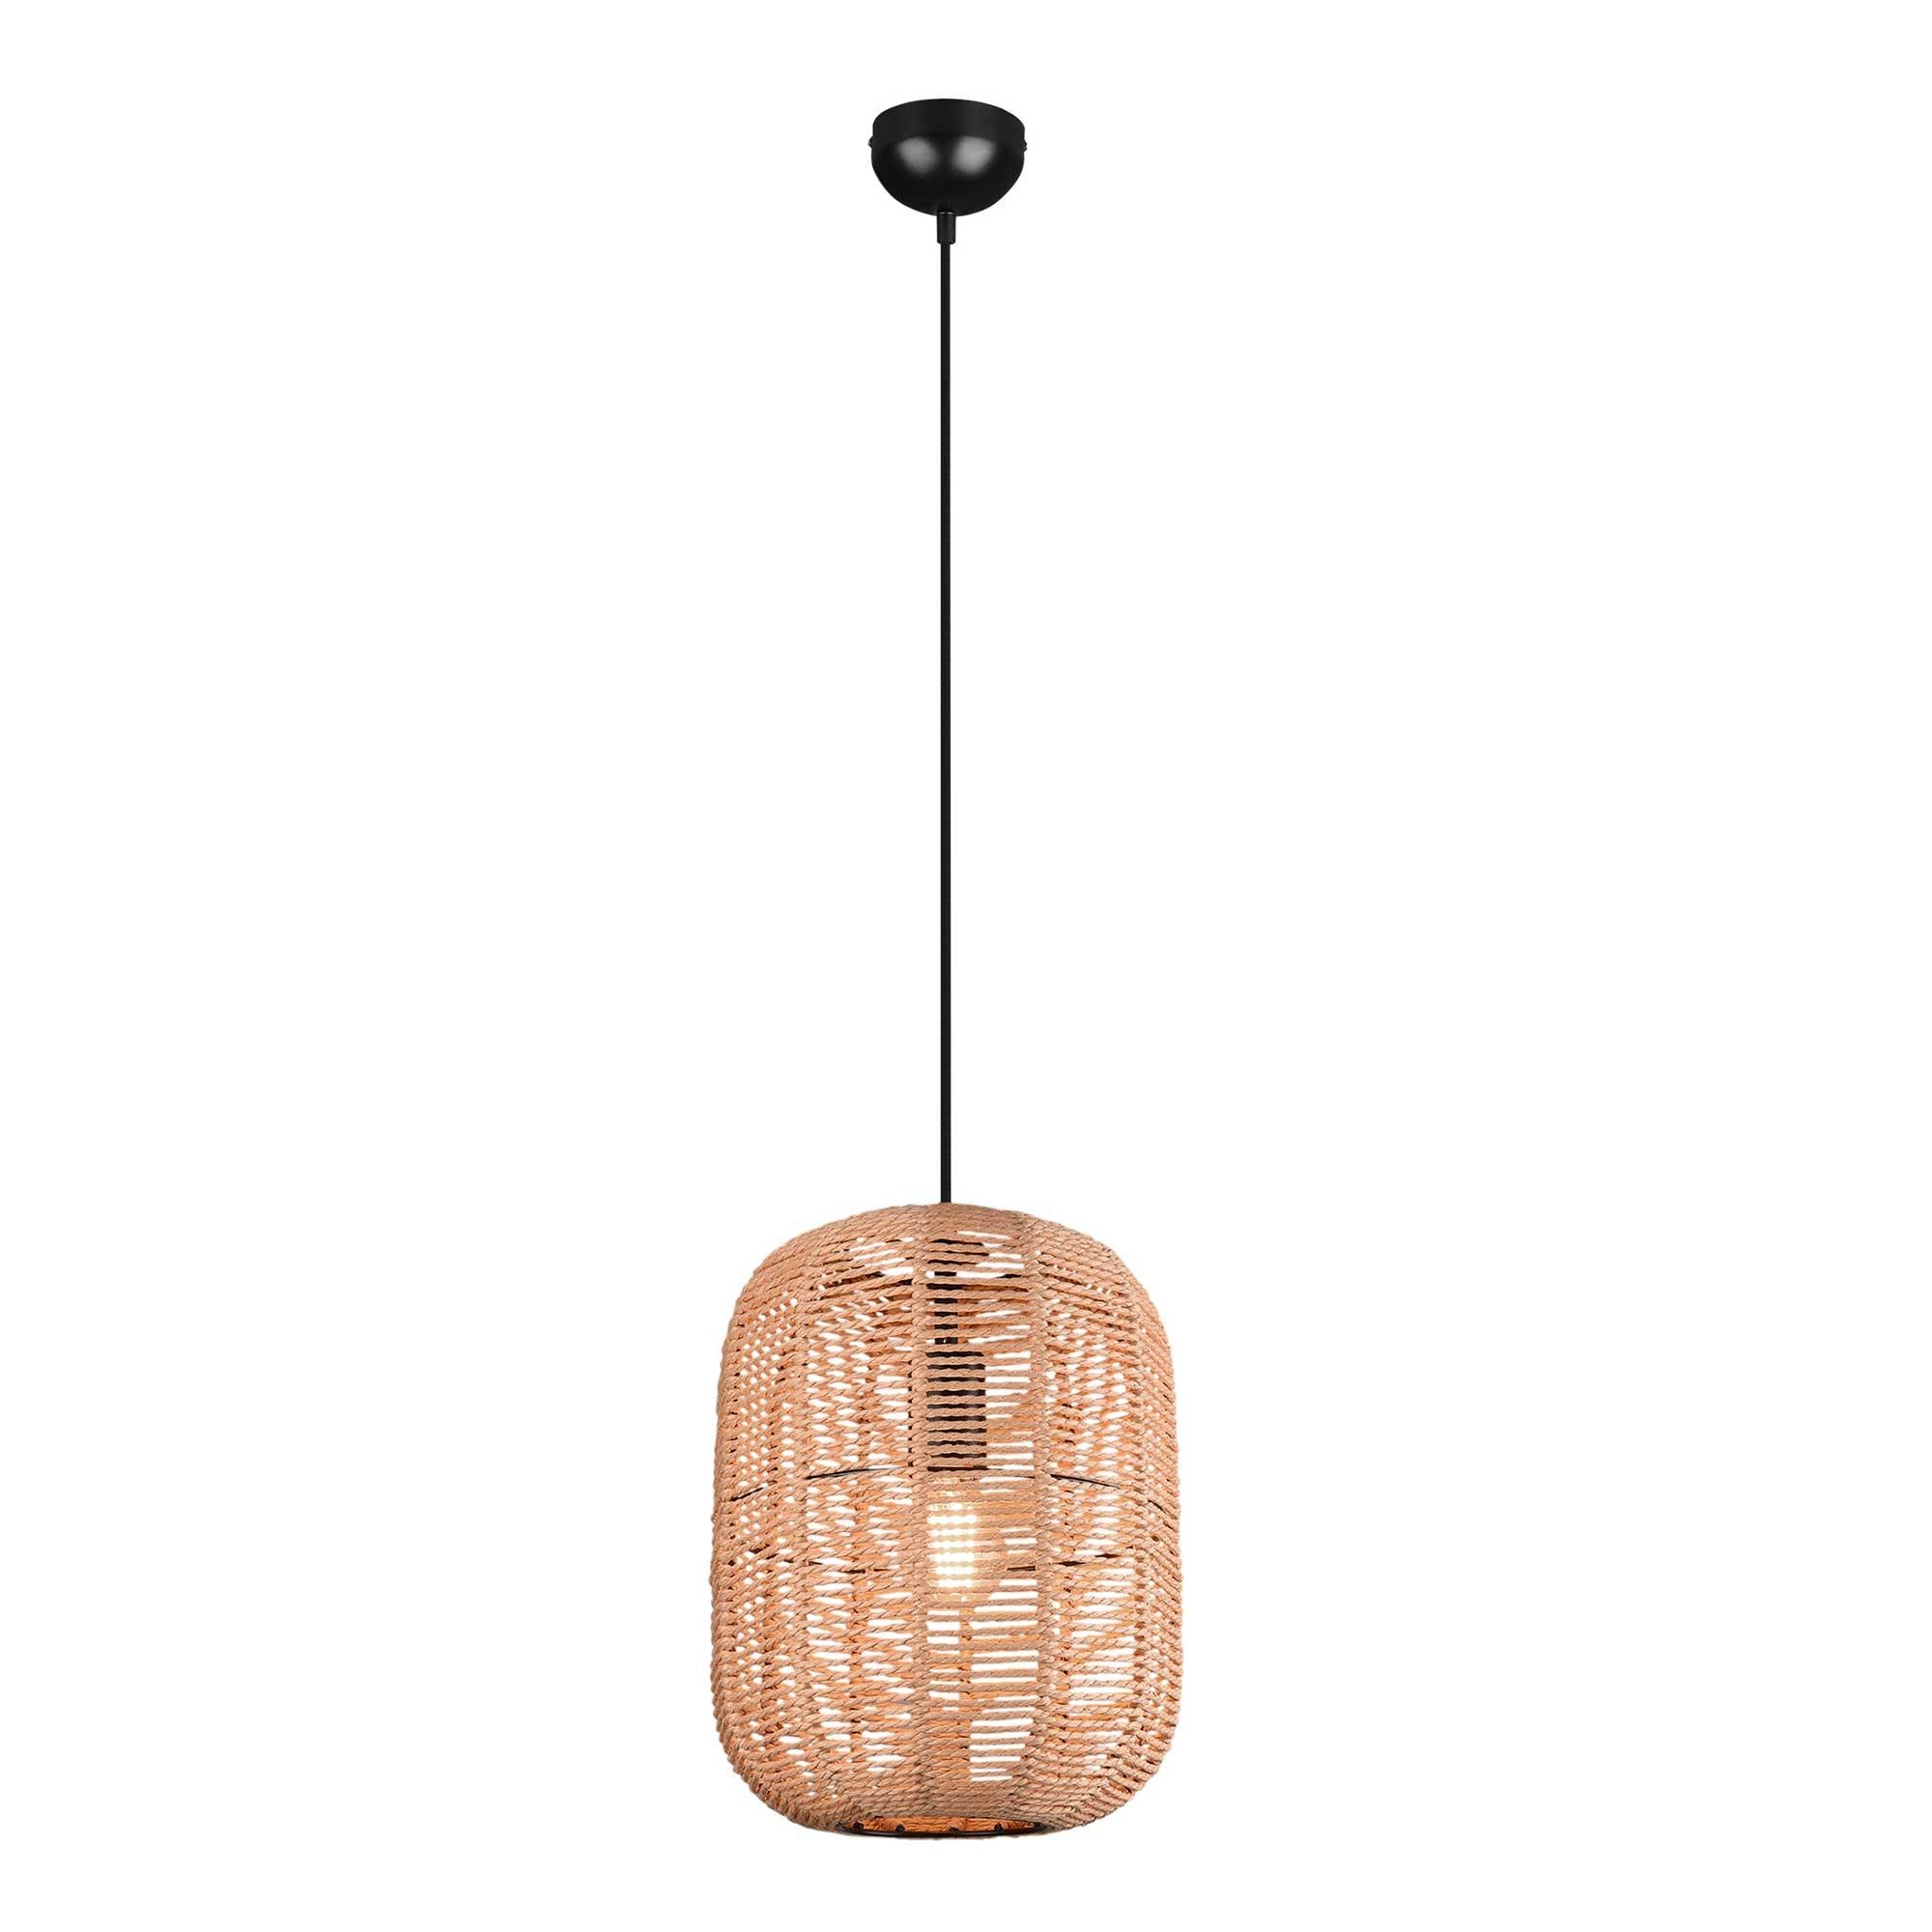 Trio Leuchten Hanglamp Runa touw 1 lichts Ø 35 cm beige zwart